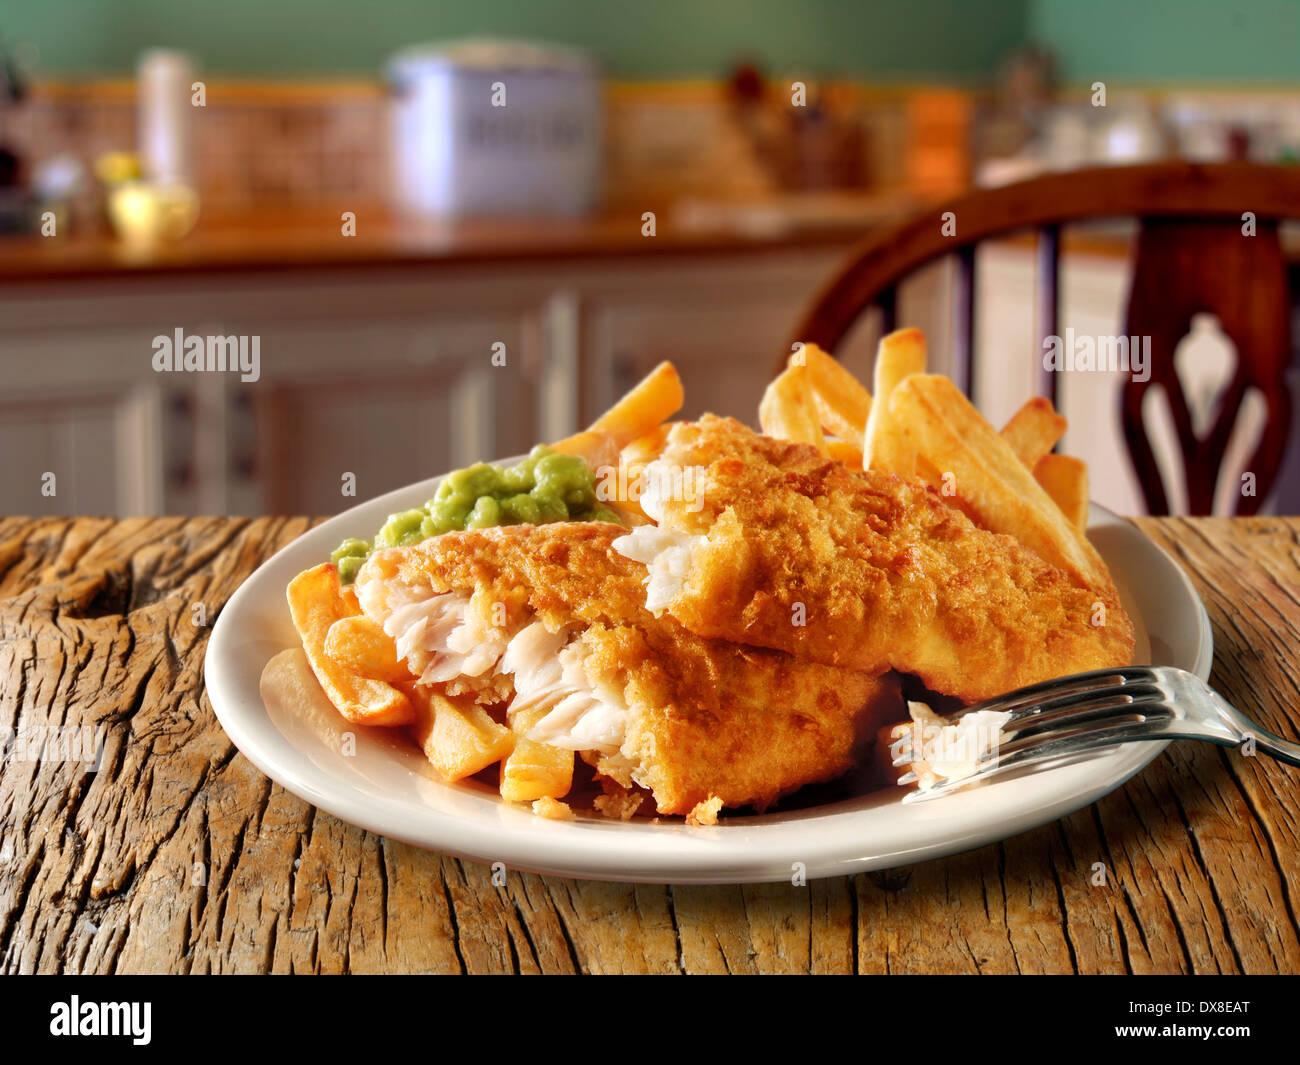 Battues britannique traditionnel fish and chips servi sur un plateau dans une cuisine traditionnelle définition prêt à manger Photo Stock